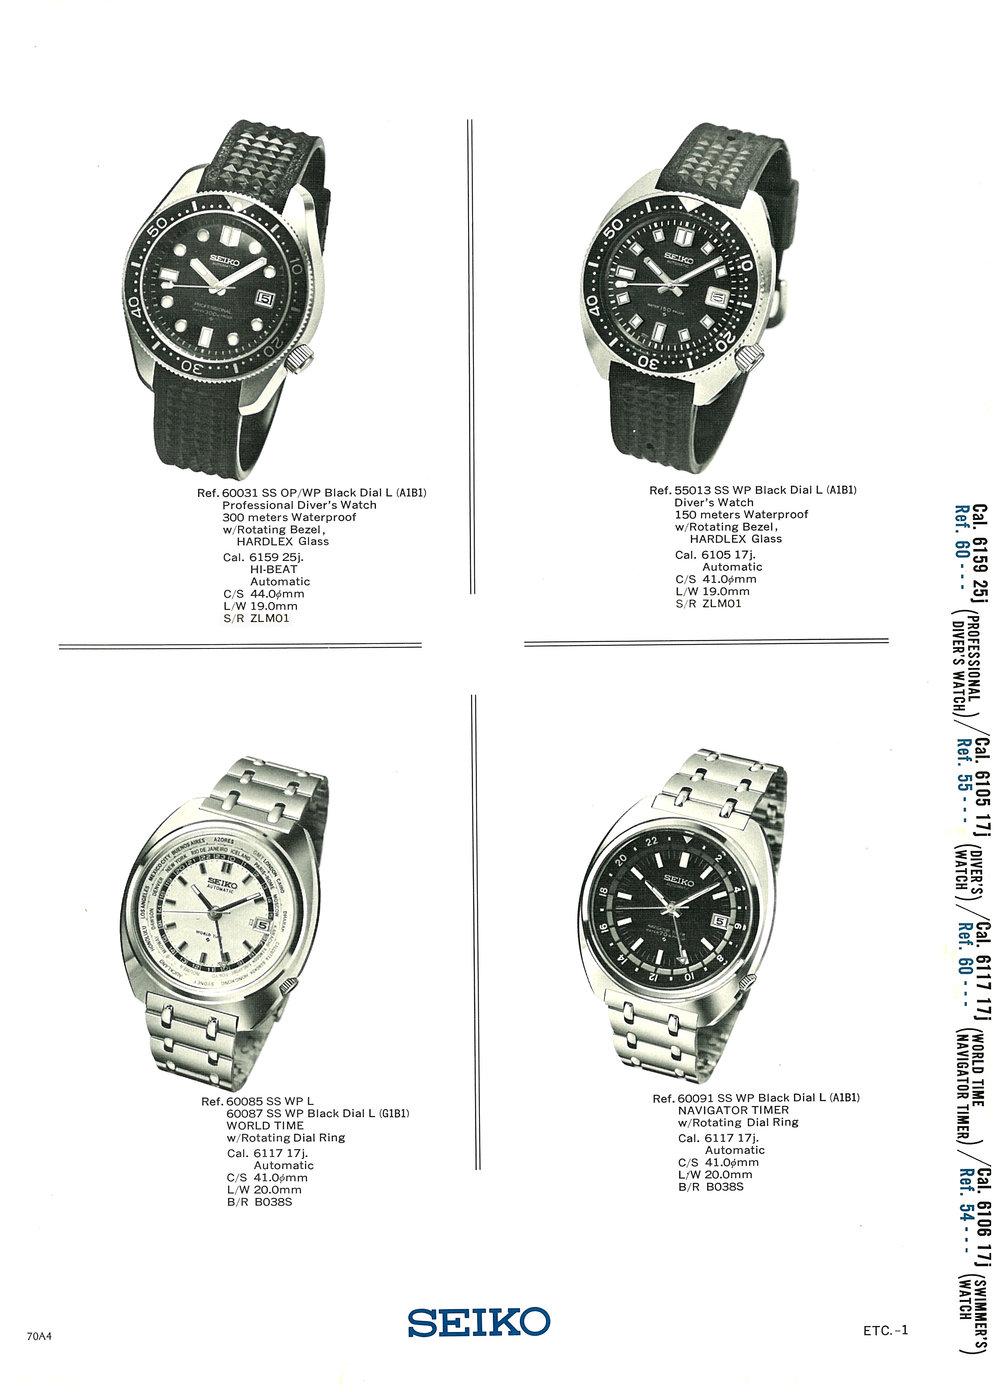 1970 Seiko Export Catalog